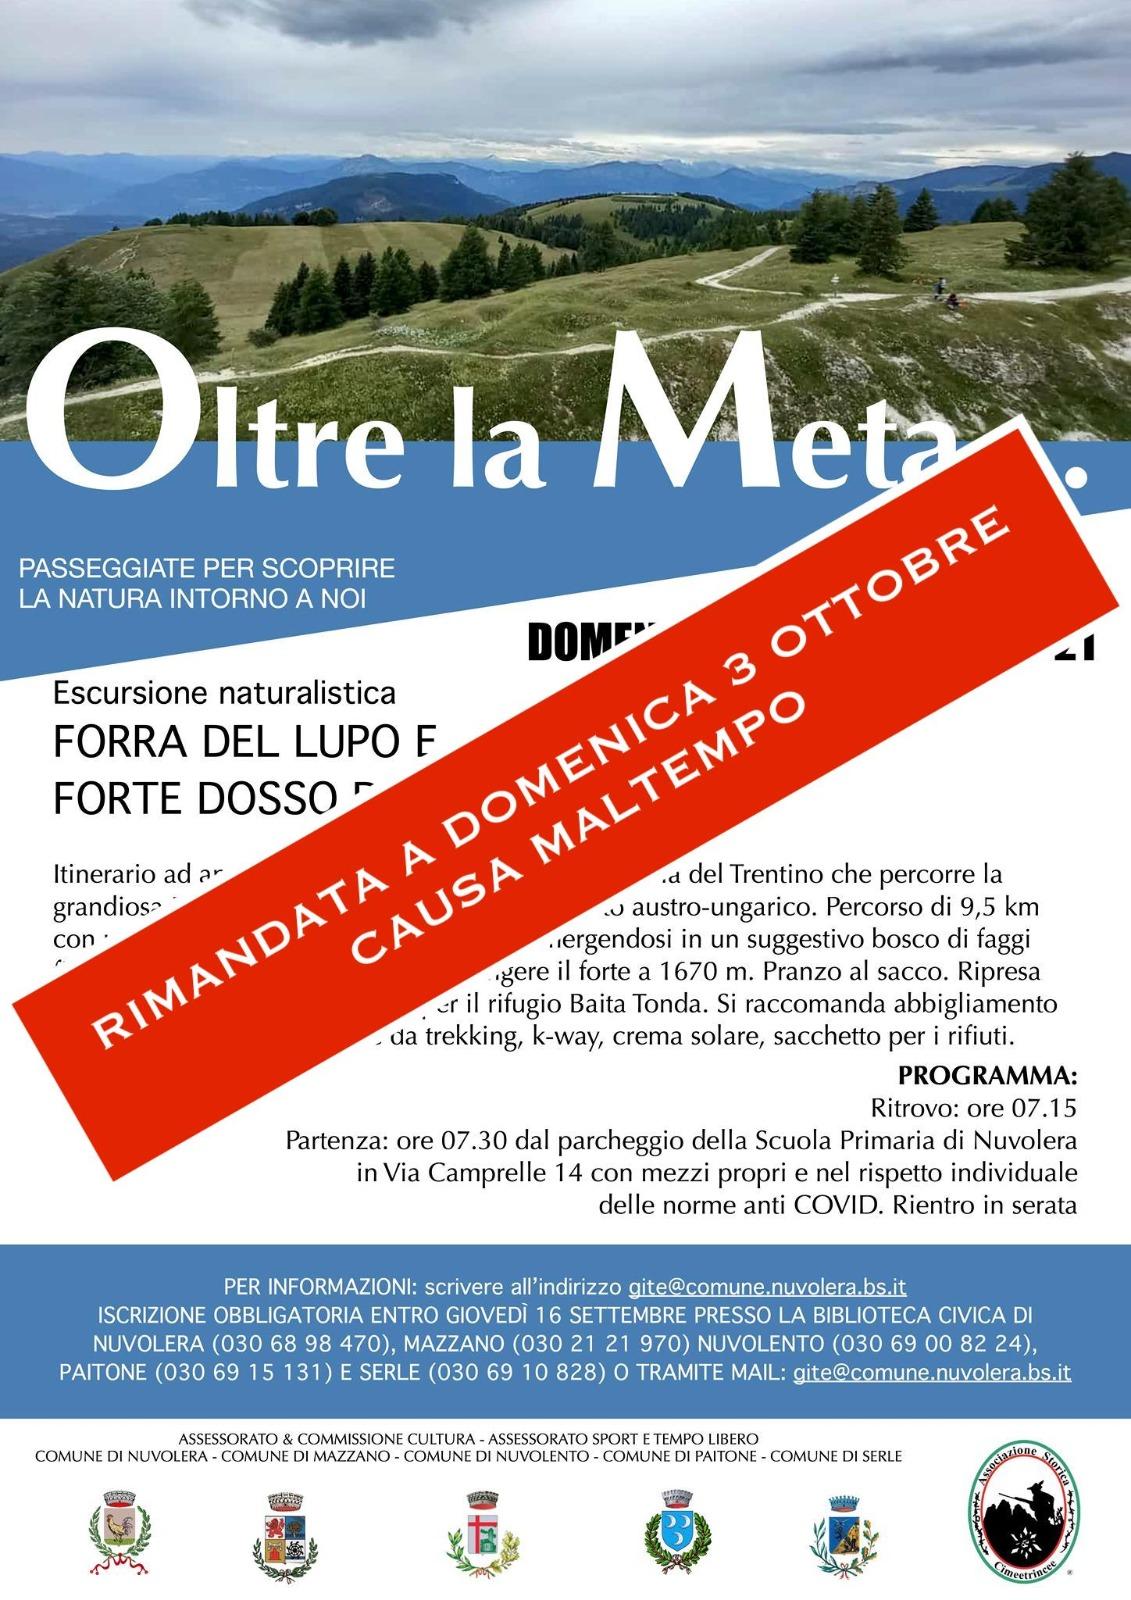 RIMANDATO - Quinto appuntamento con le escursioni: OLTRE LA META...